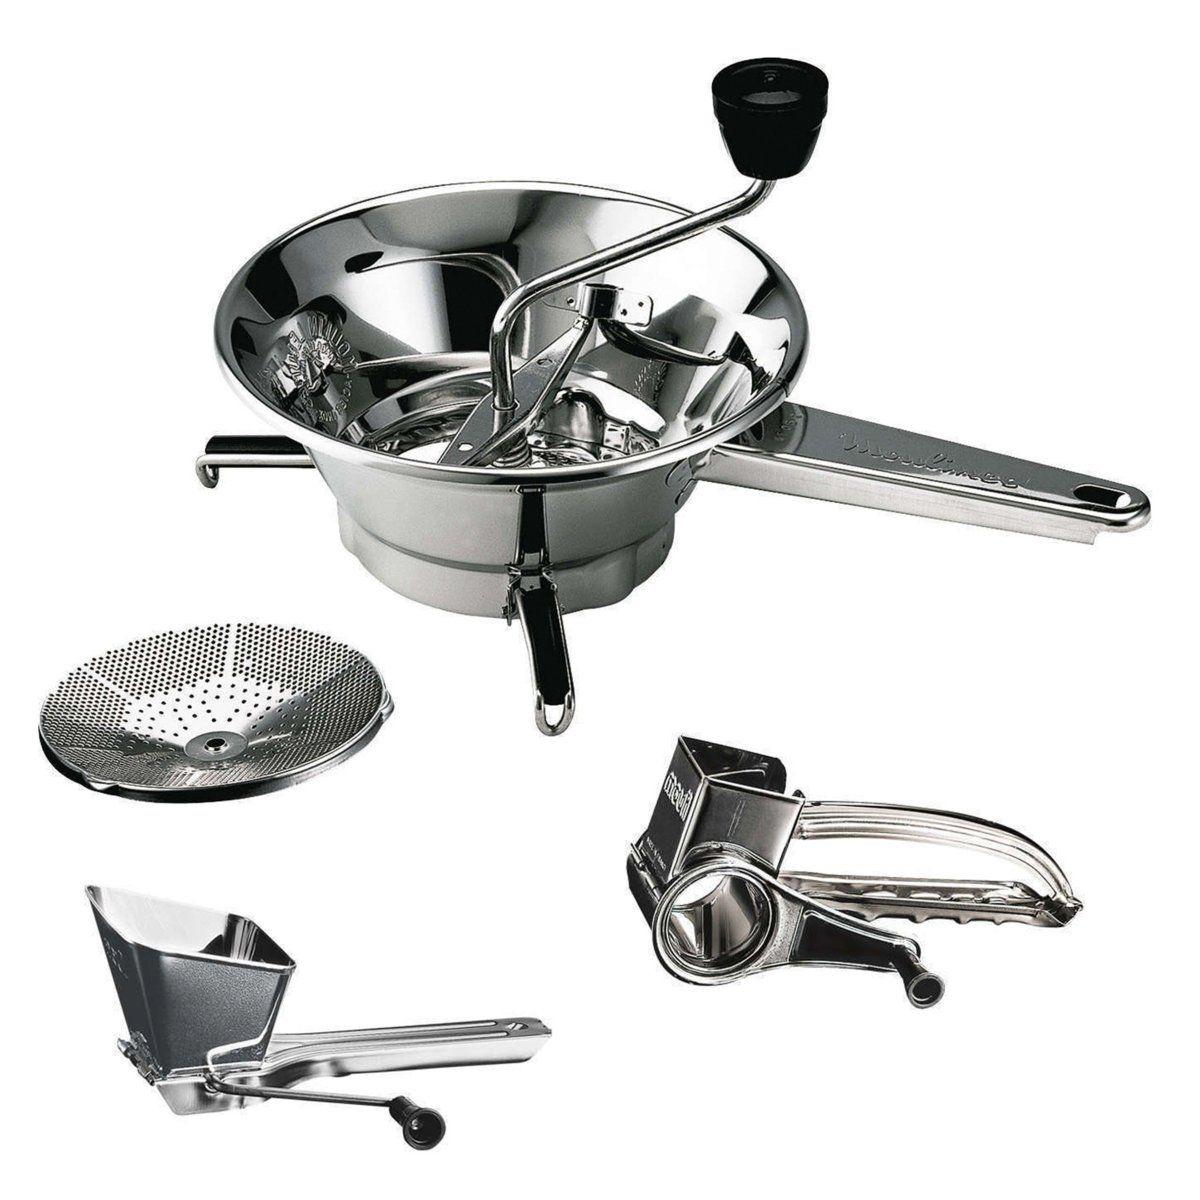 Ustensiles de cuisine inox a45606 a45506 a45306 moulinex - Ustensile de cuisine inox ...